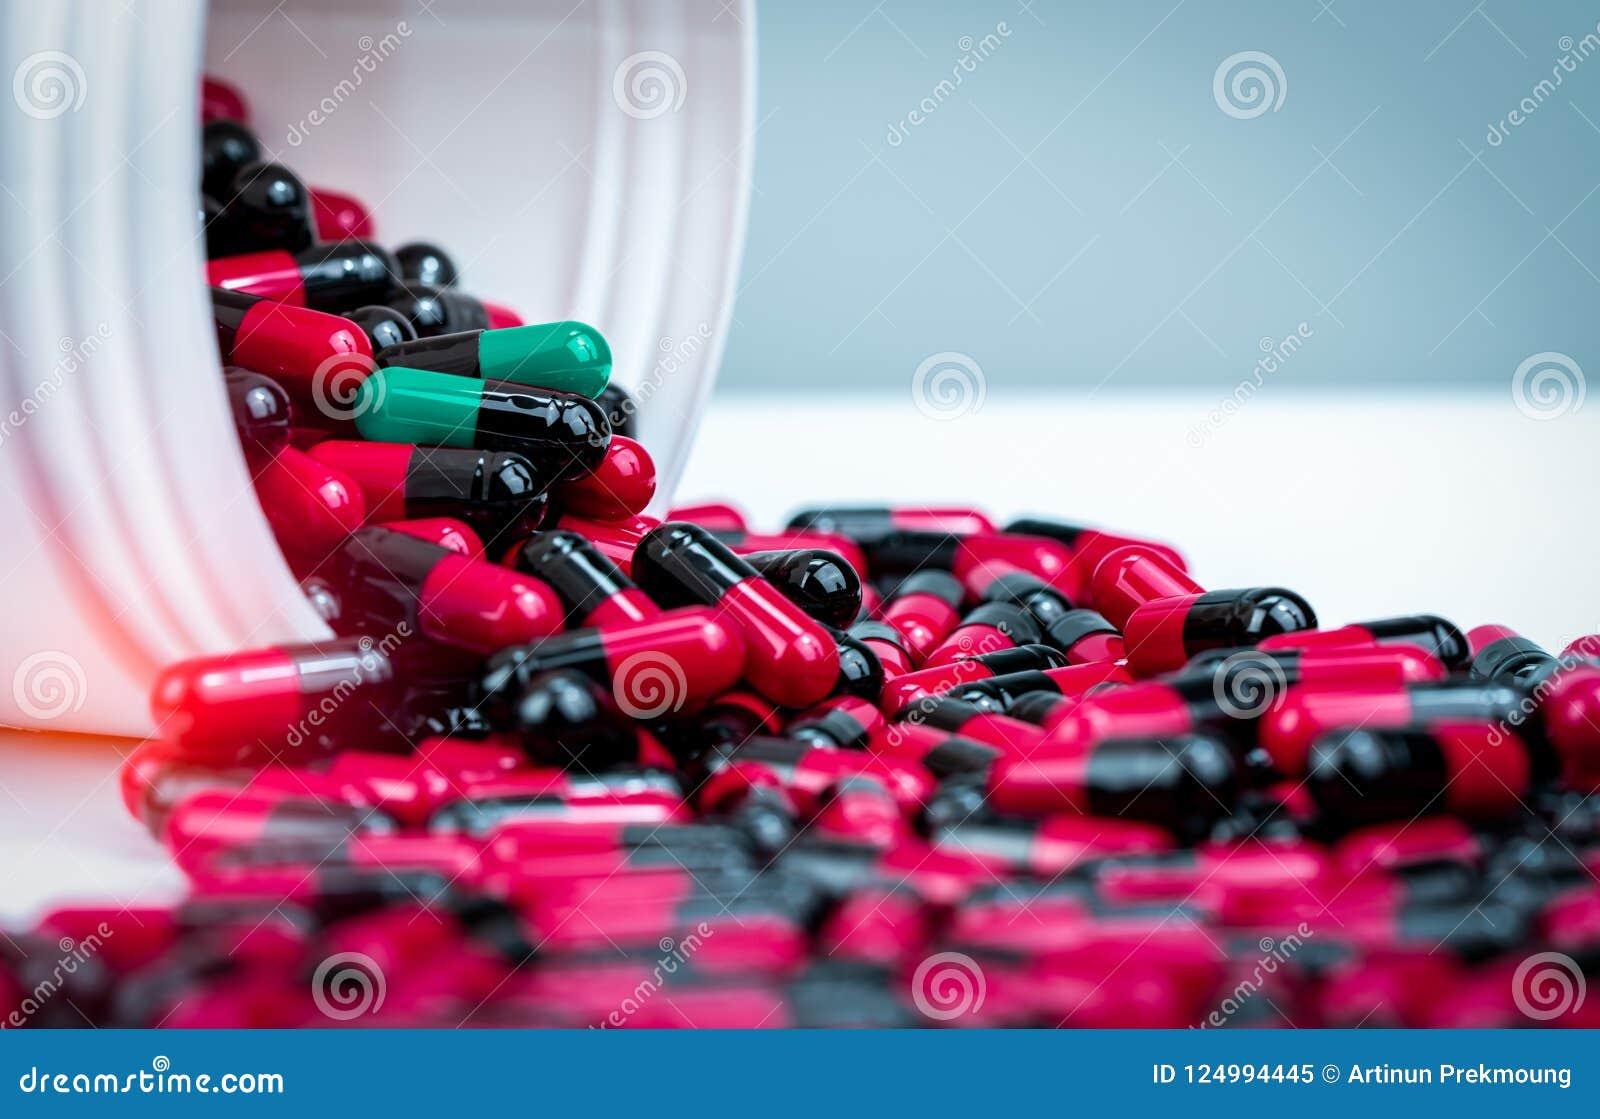 Το χάπι καψών ανέτρεψε έξω από το άσπρο πλαστικό εμπορευματοκιβώτιο μπουκαλιών Ιατρική συνταγή Αντίσταση φαρμάκων αντιβιοτικών αν